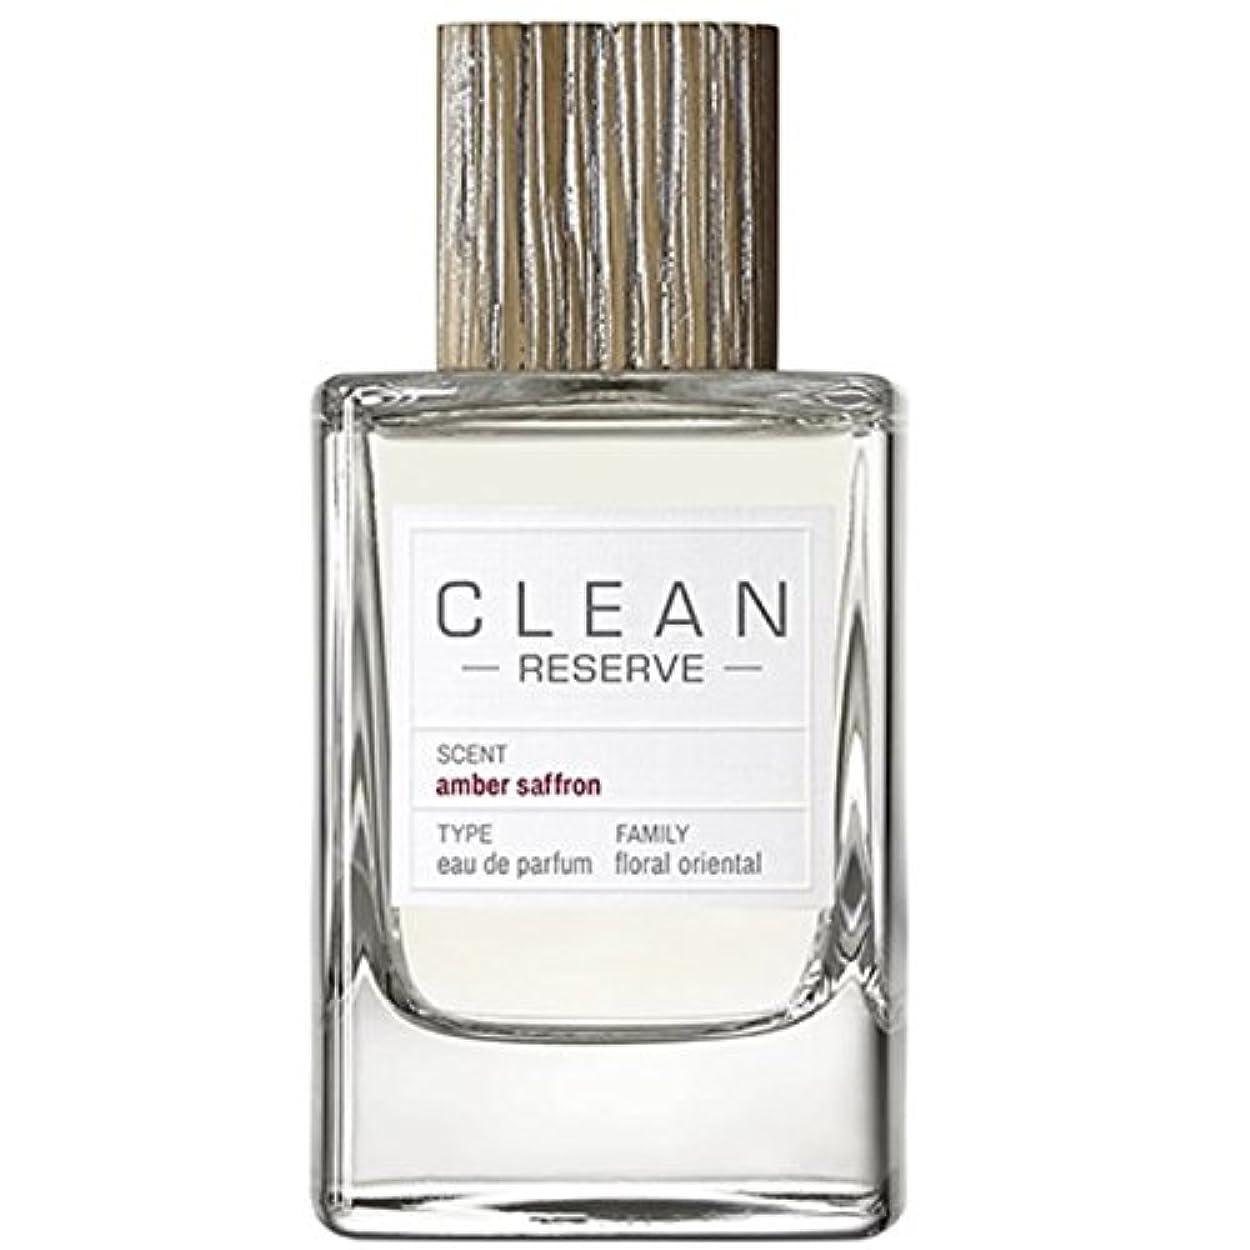 温室アーティスト元気◆【CLEAN】Unisex香水◆クリーン リザーブ アンバーサフラン オードパルファムEDP 100ml◆